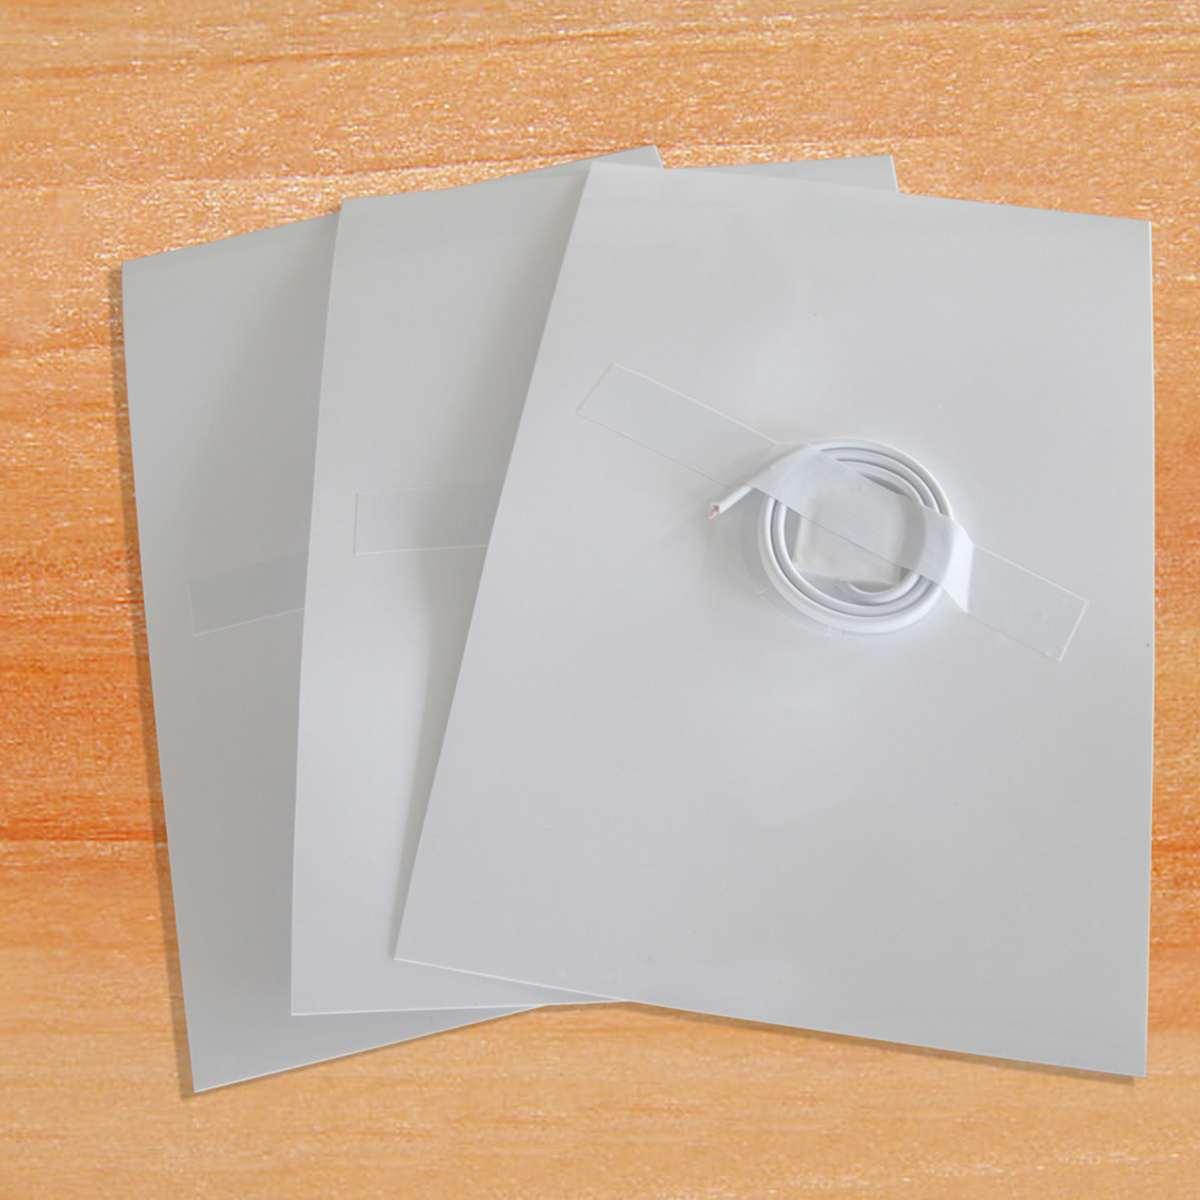 Film de protection douche avec miroir de bain, Membrane Anti-brouillard, Film de protection pour la douche avec Film transparent de maquillage étanche, Film chauffant électronique